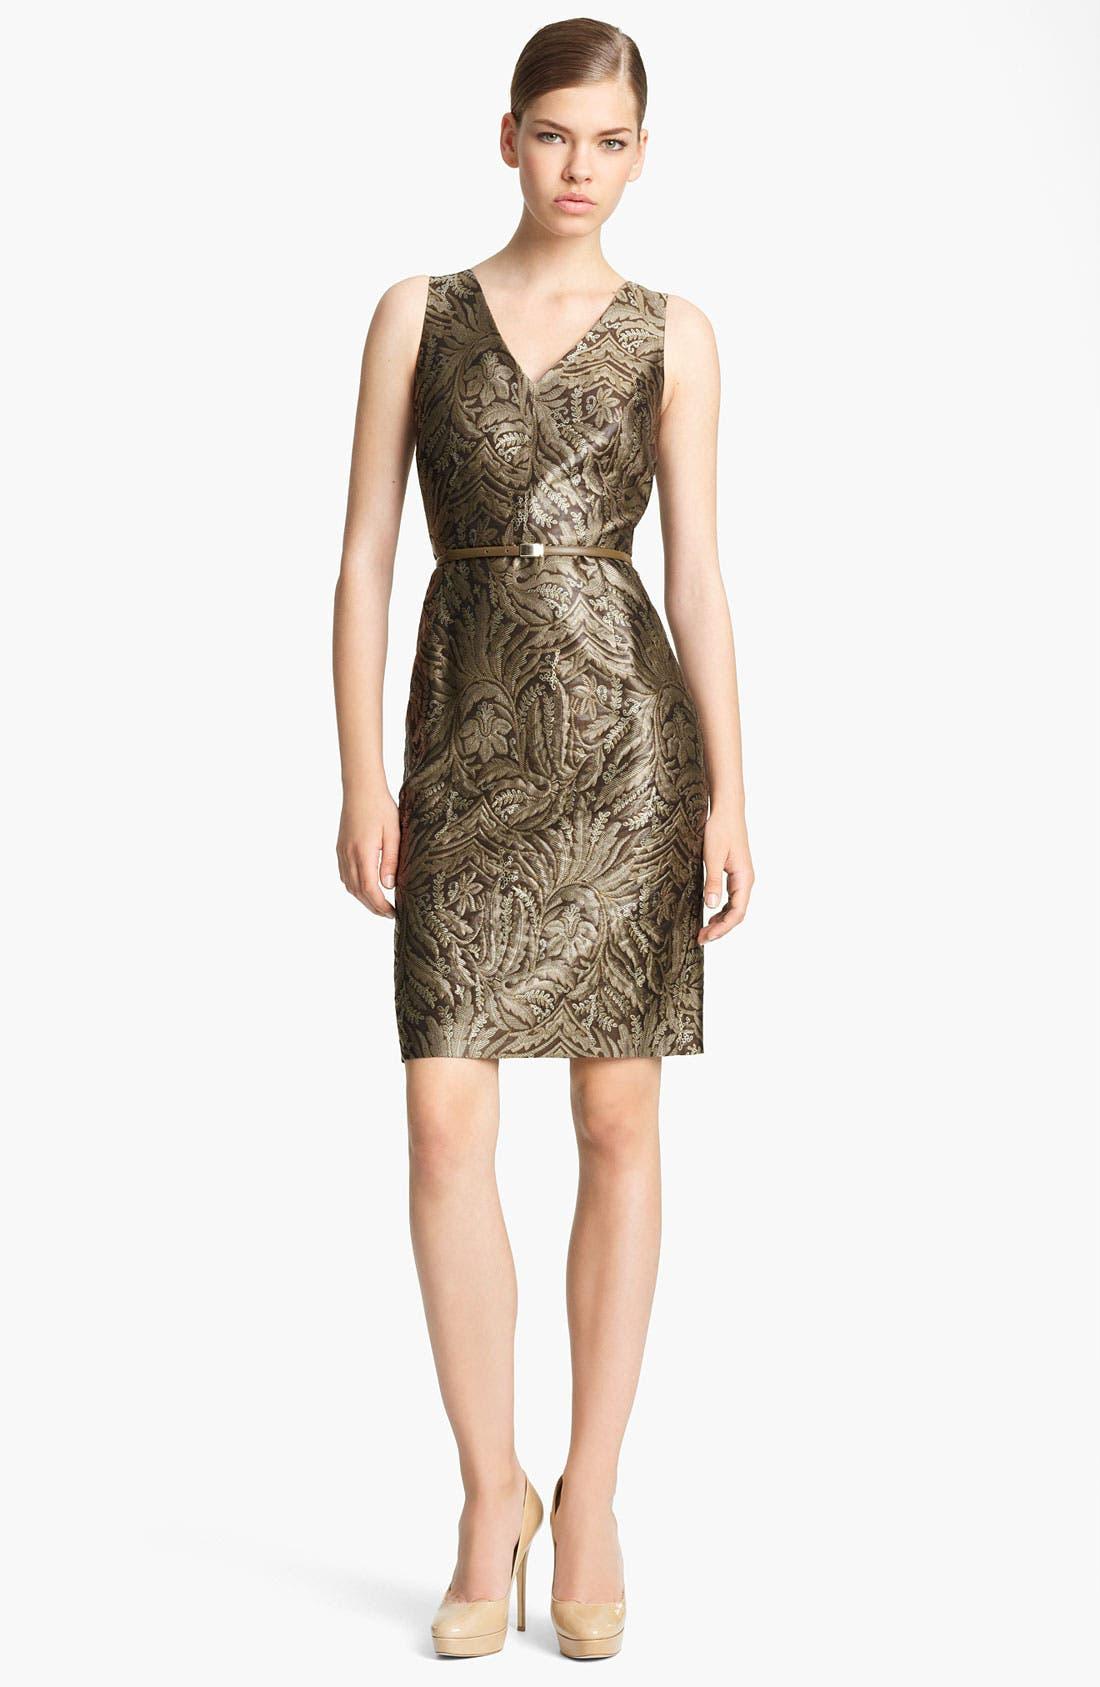 Alternate Image 1 Selected - Max Mara 'Cera' Belted Floral Brocade Dress